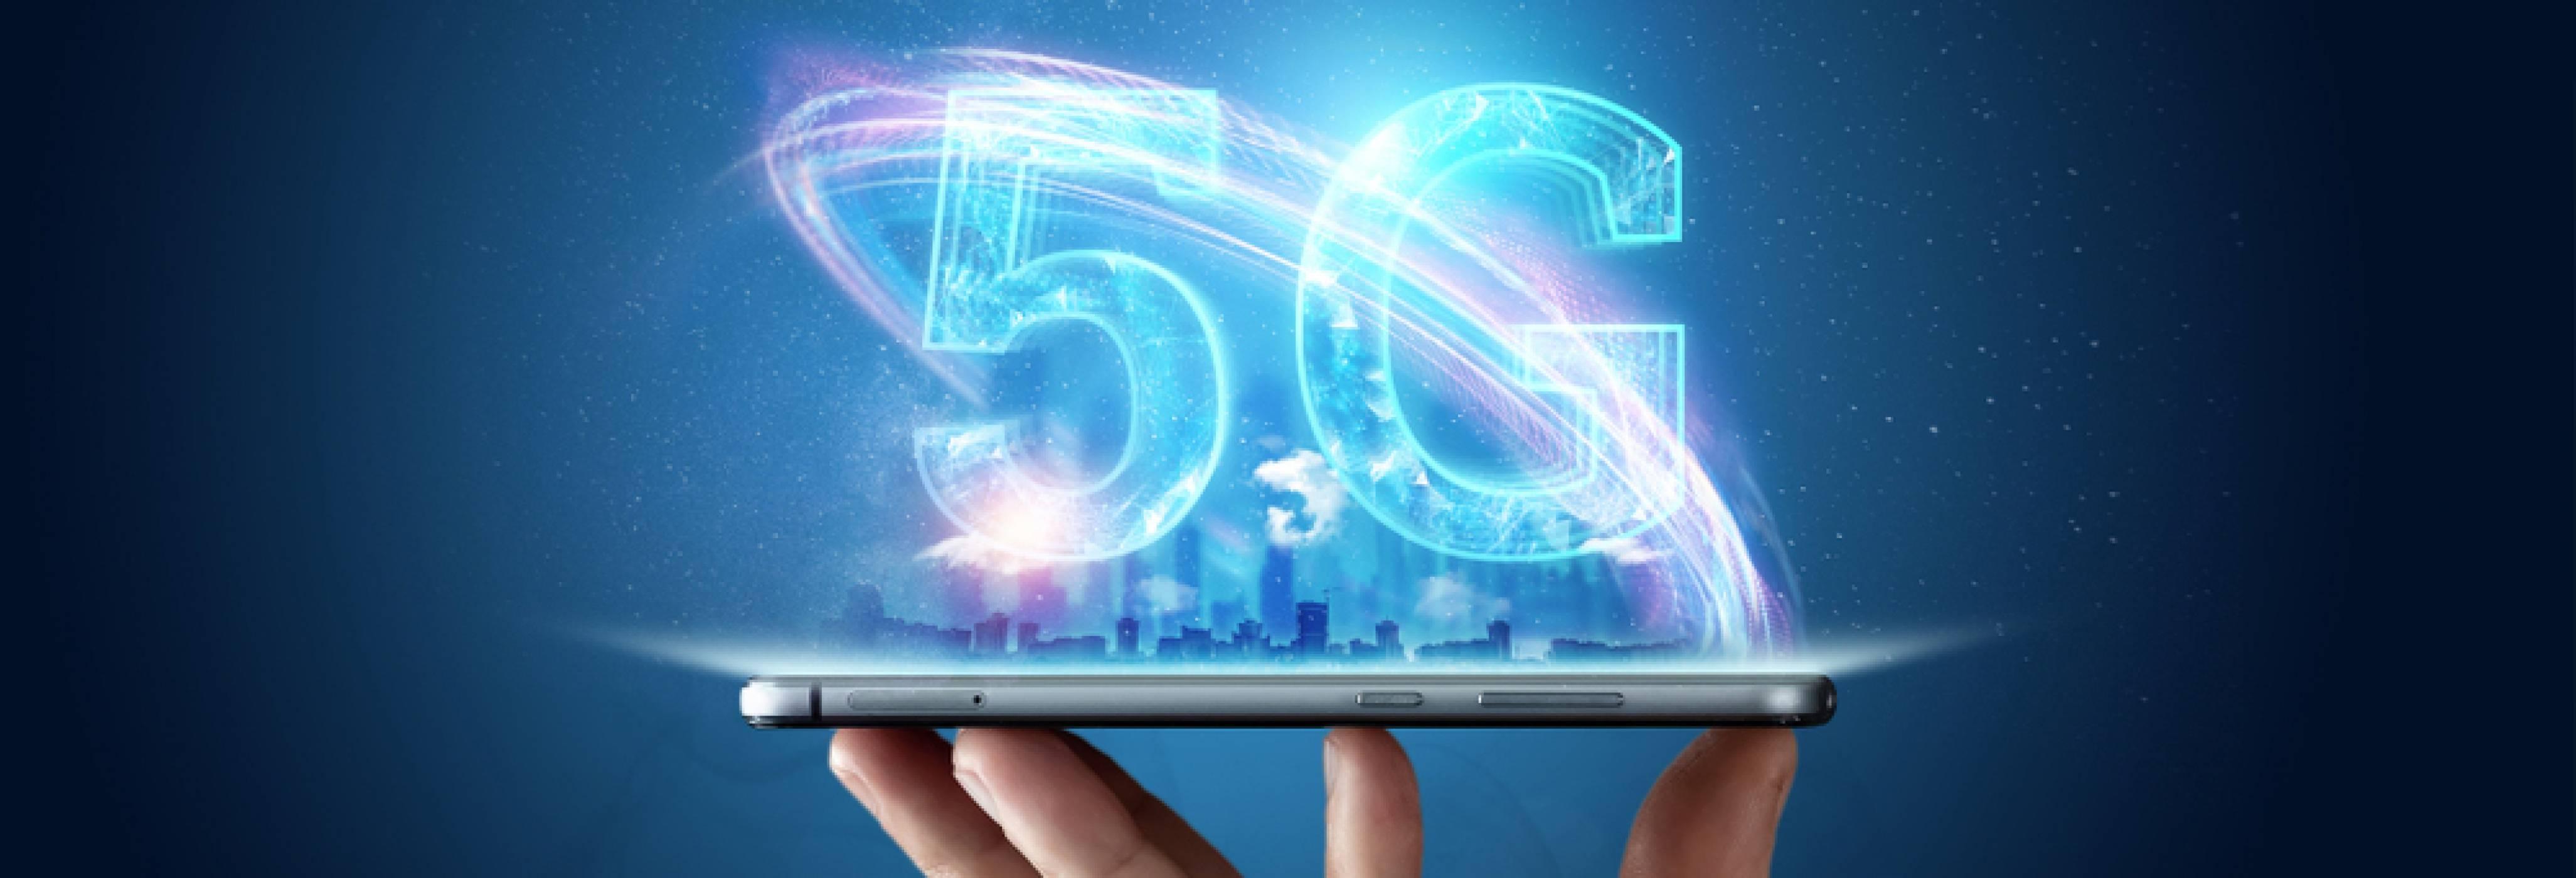 5G мрежите – възможен двигател на дигиталната трансформация и икономиката на бъдещето